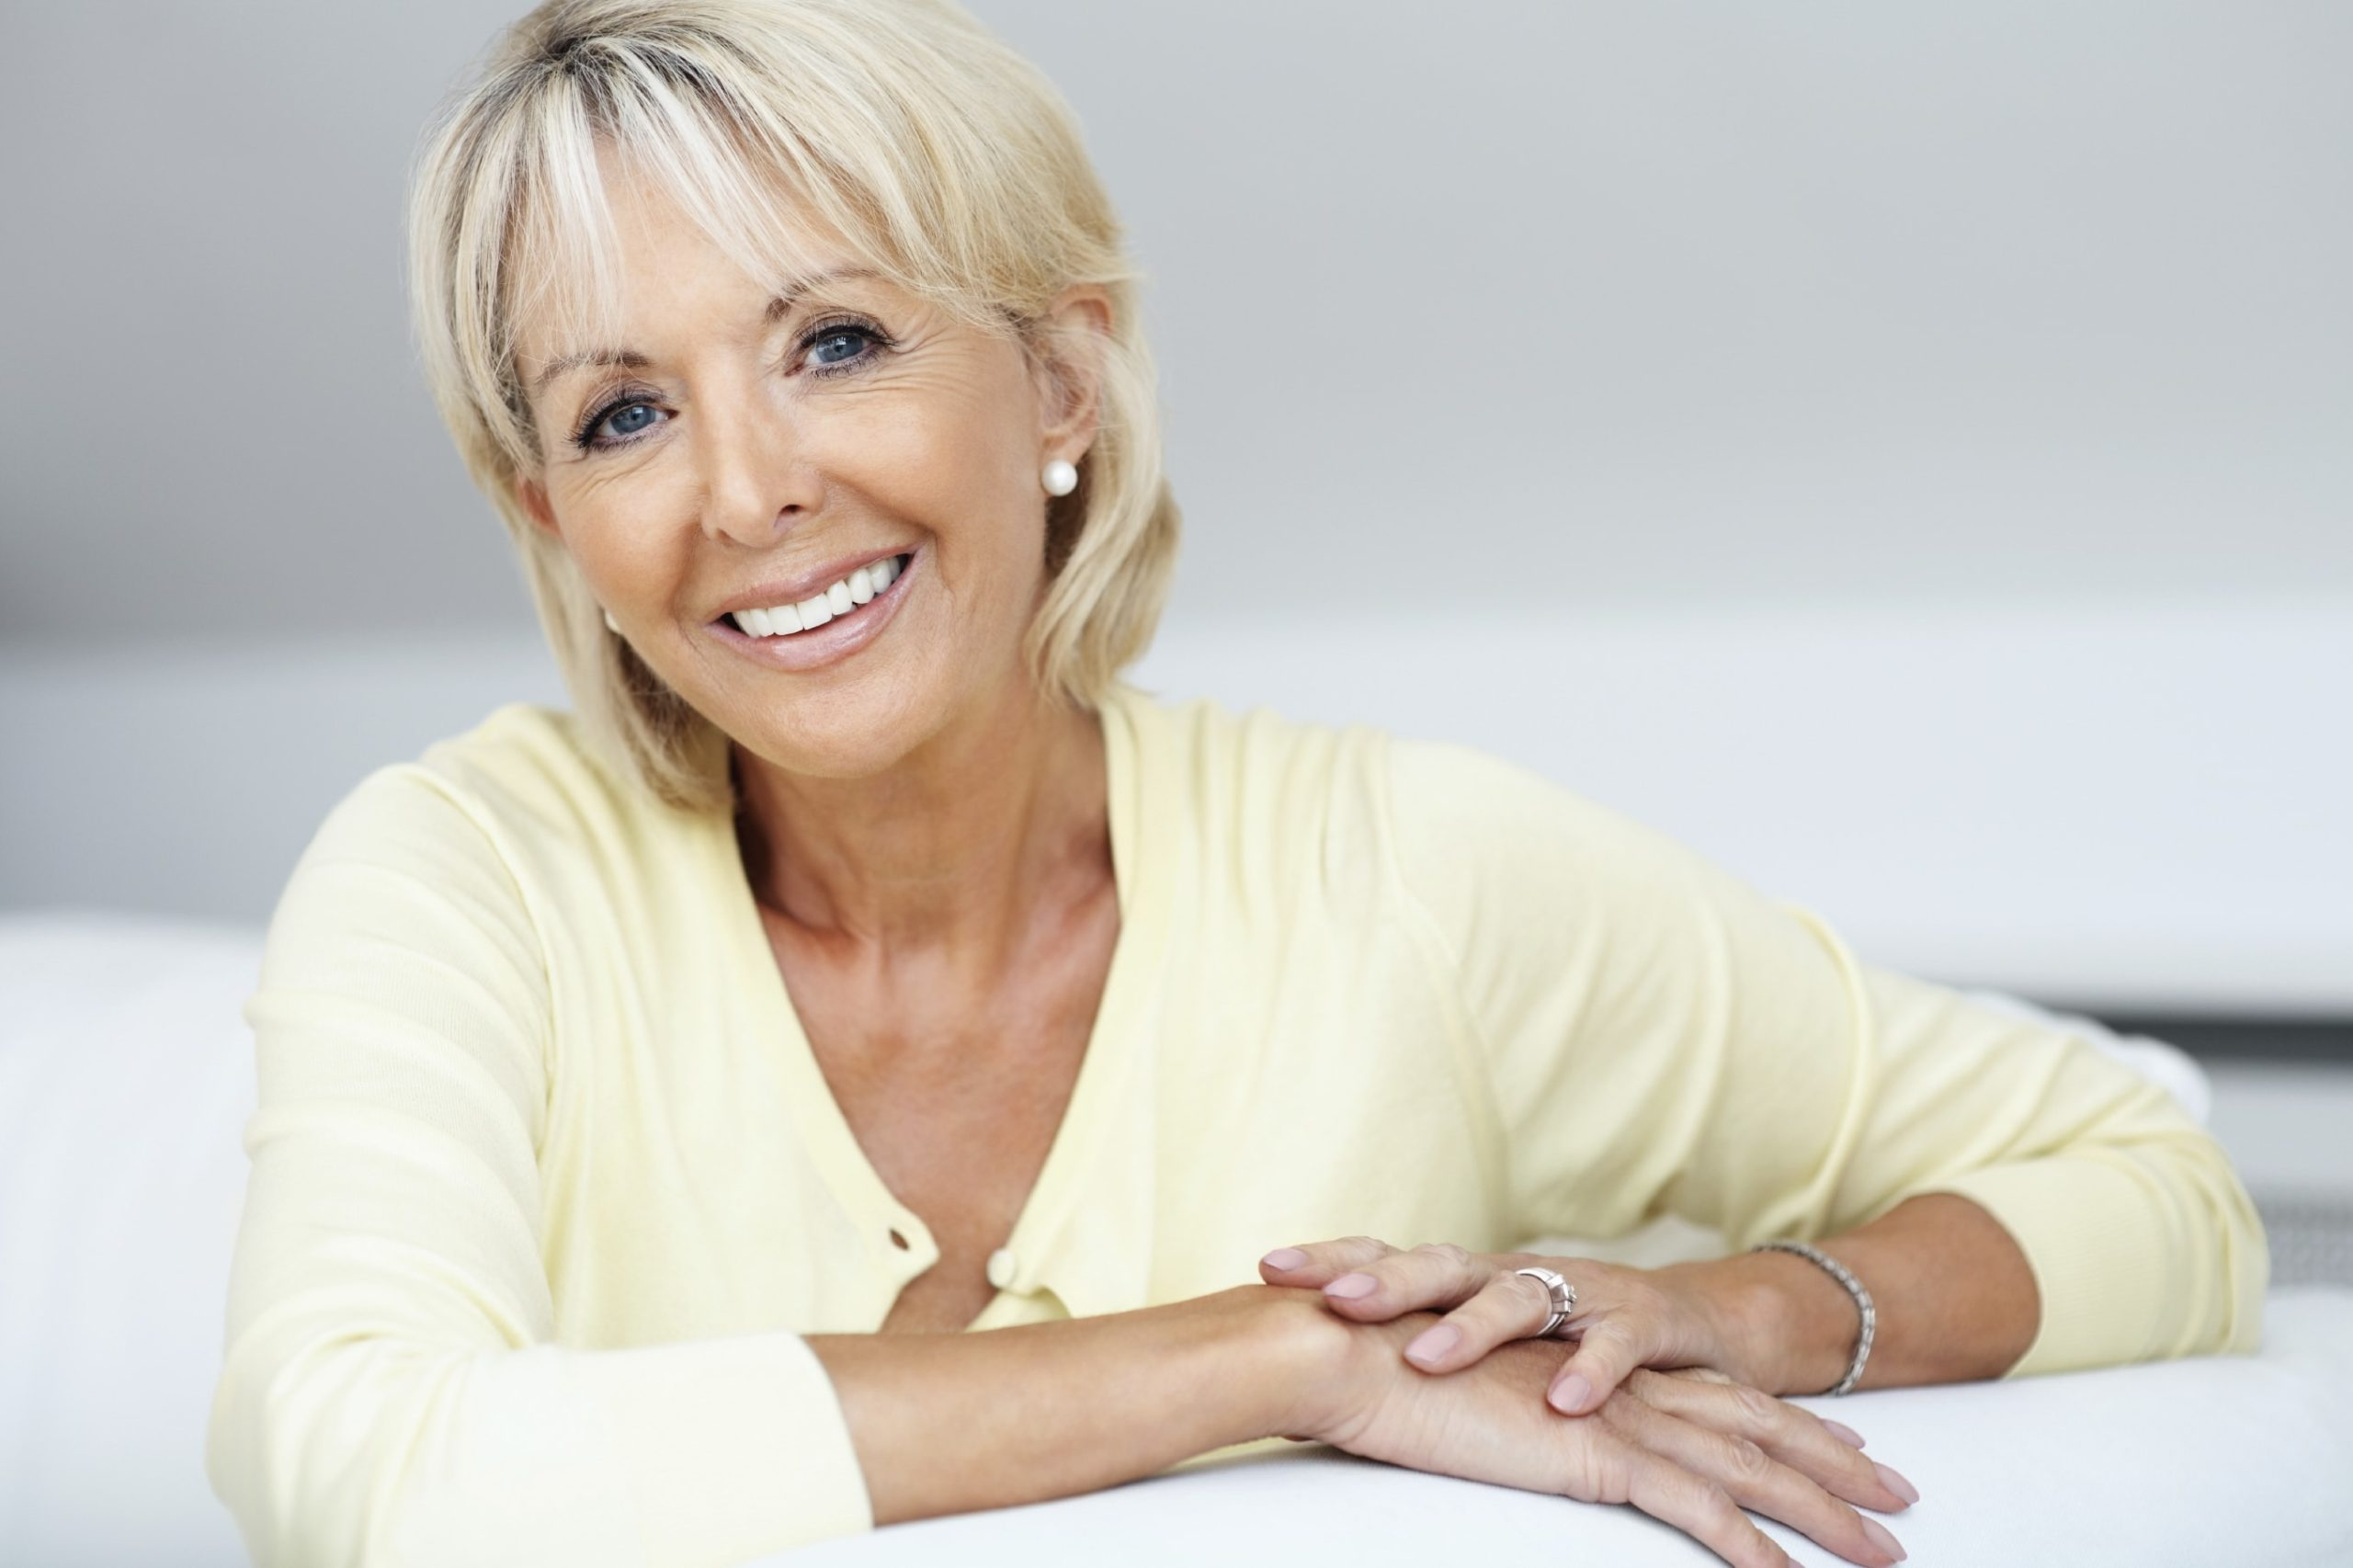 Te îngrași la menopauză? La ce hormoni trebuie să fii atentă